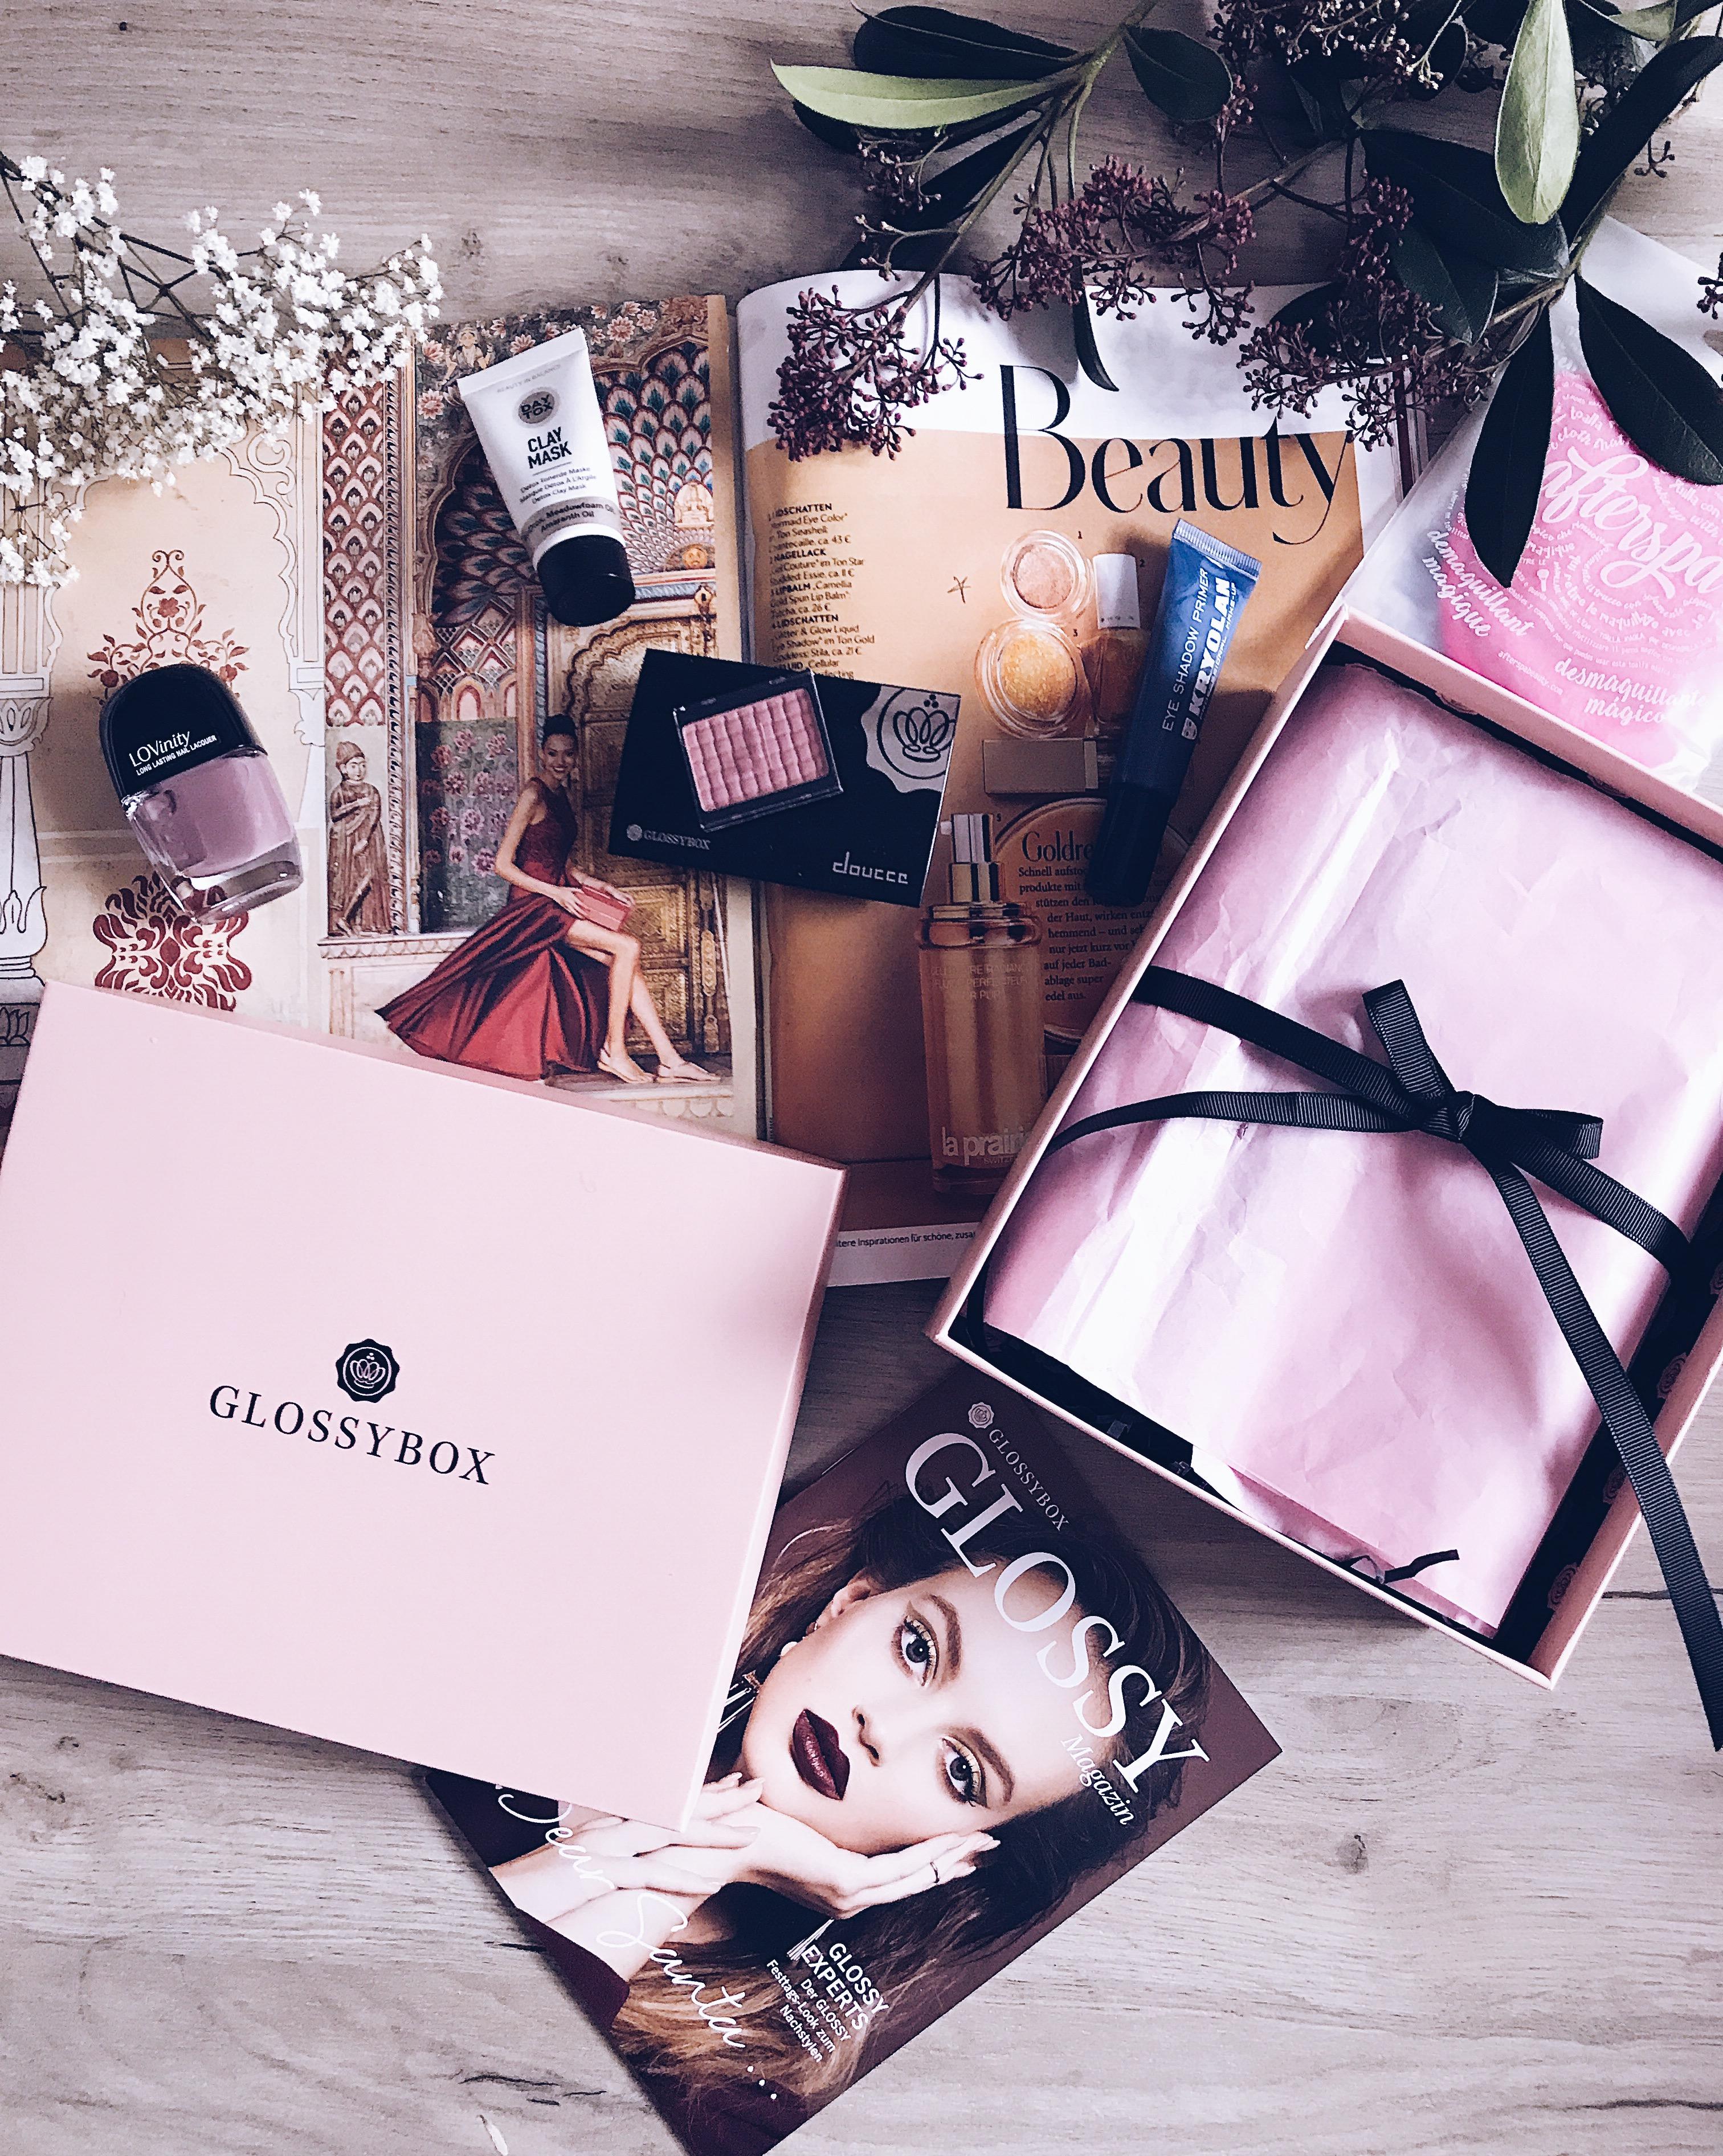 Glossybox November Santa Edition